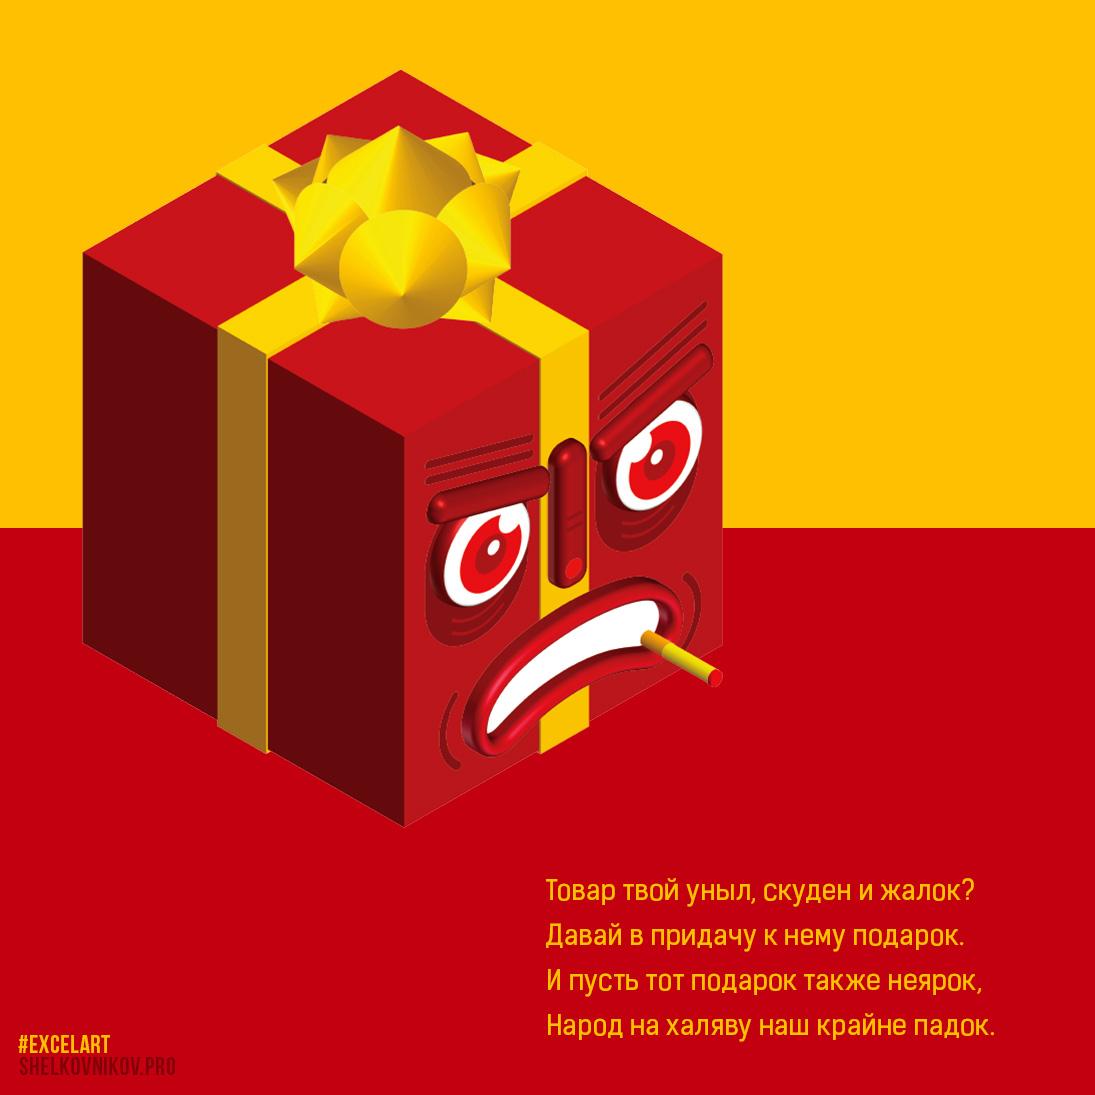 Иллюстрация. Подарок в маркетинге